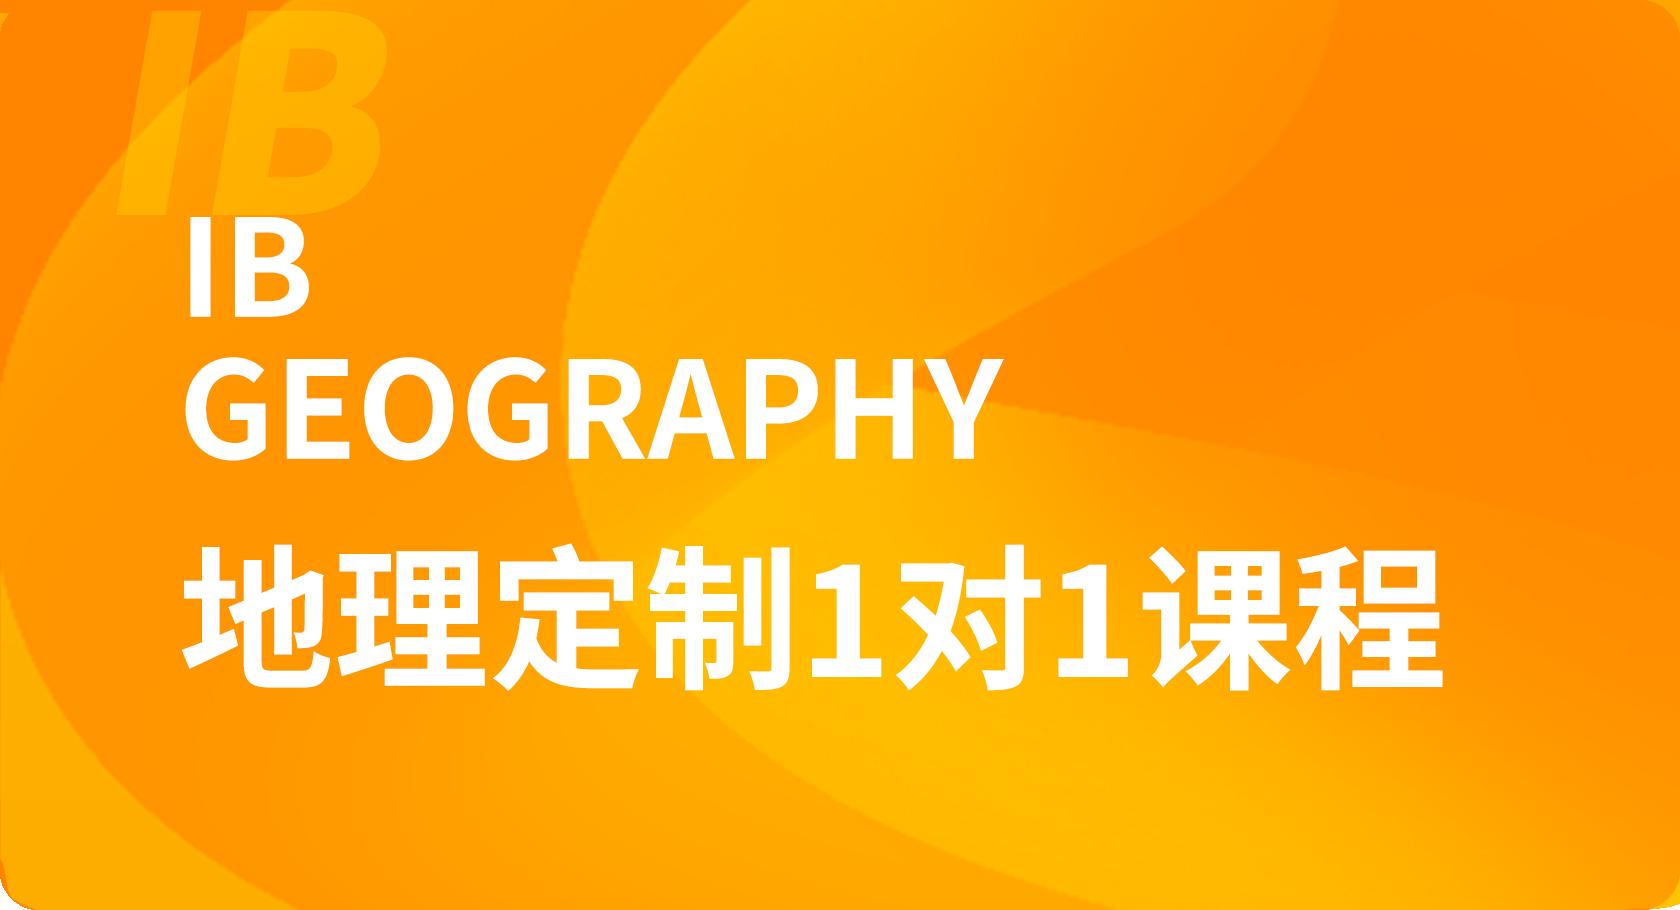 IB地理1对1课程